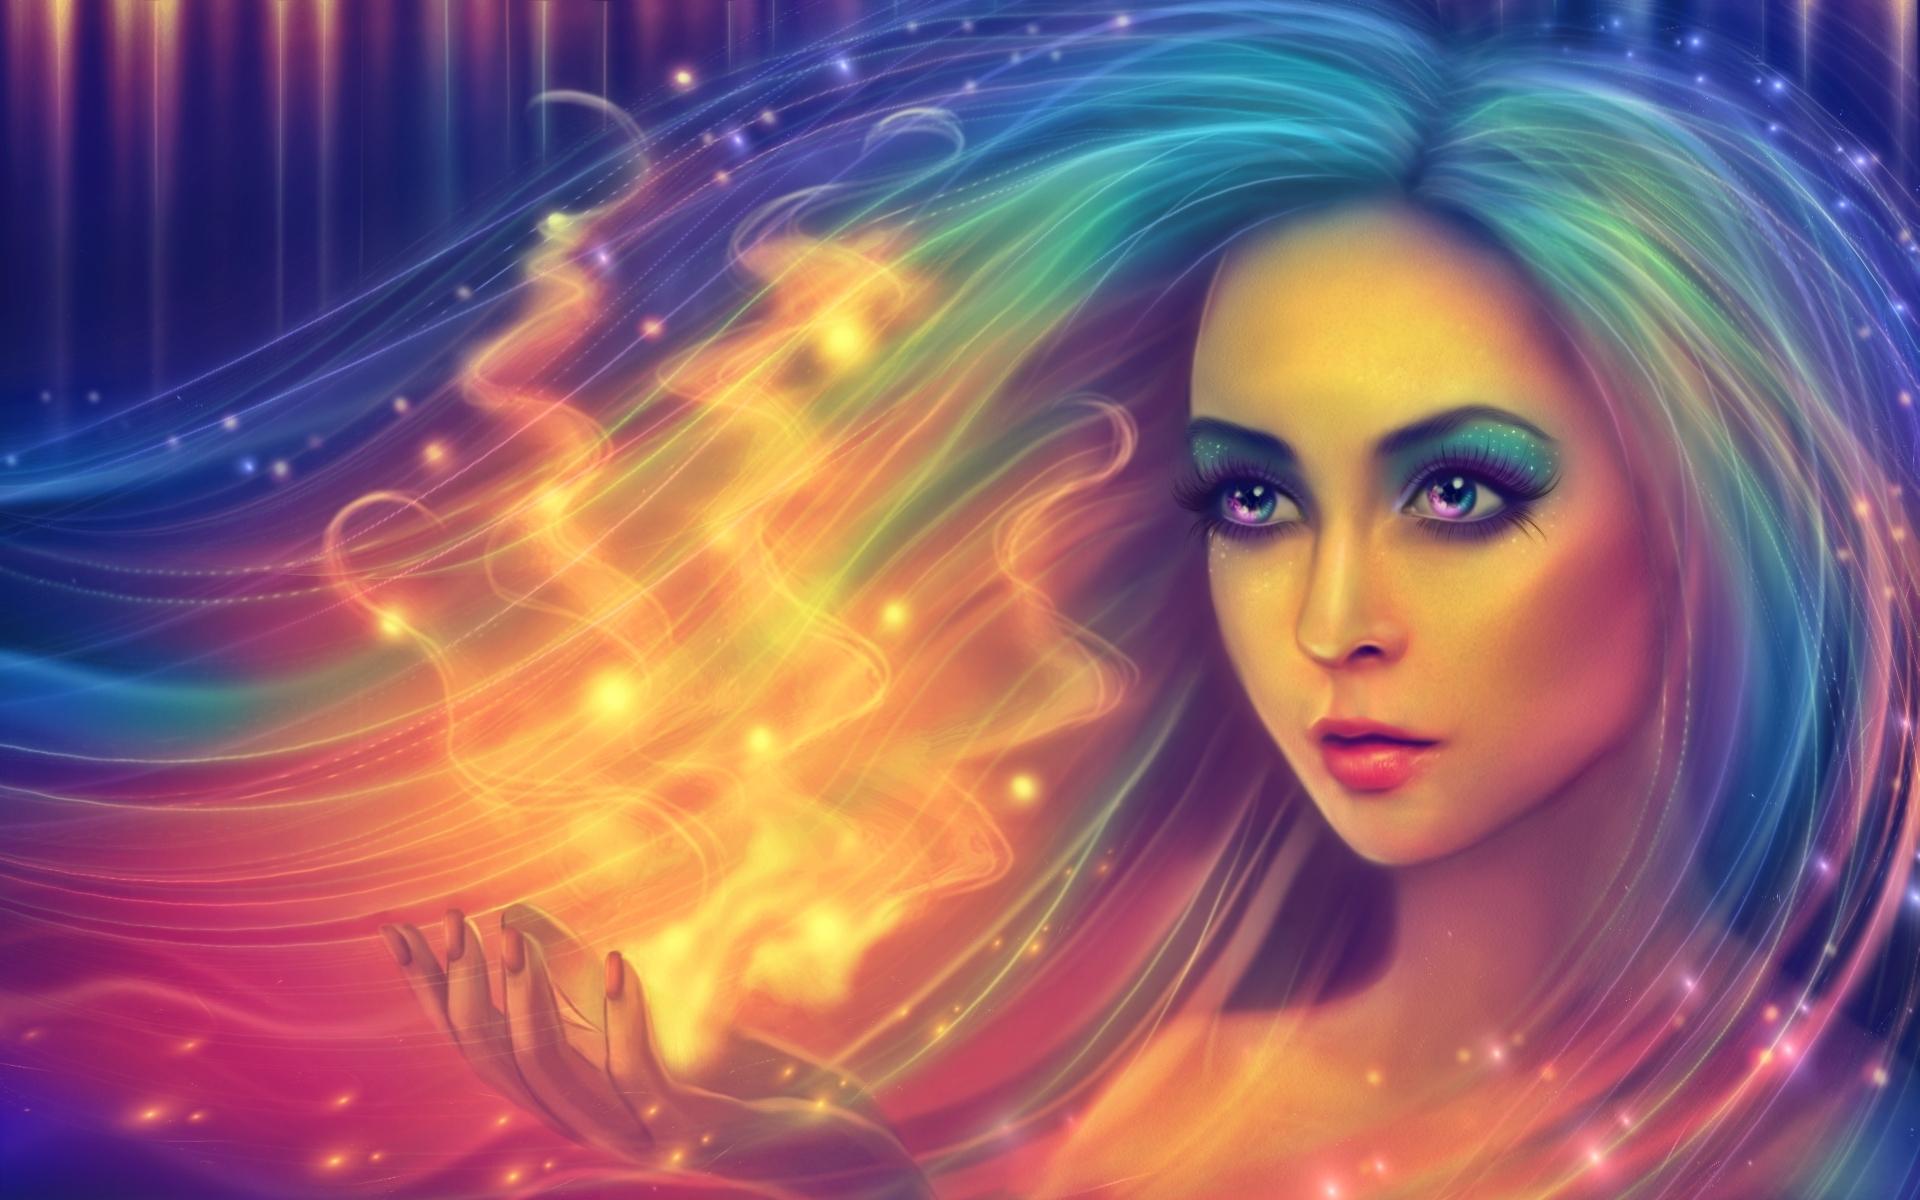 aurora girls Aurora cam girl @auroracamgirl já está brilhando entre nossas estrelas do sexy clube acesse o site e saiba como ela fez para ter sua página exclusiva em nosso site acesse o site e saiba como ela fez para ter sua página exclusiva em nosso site.